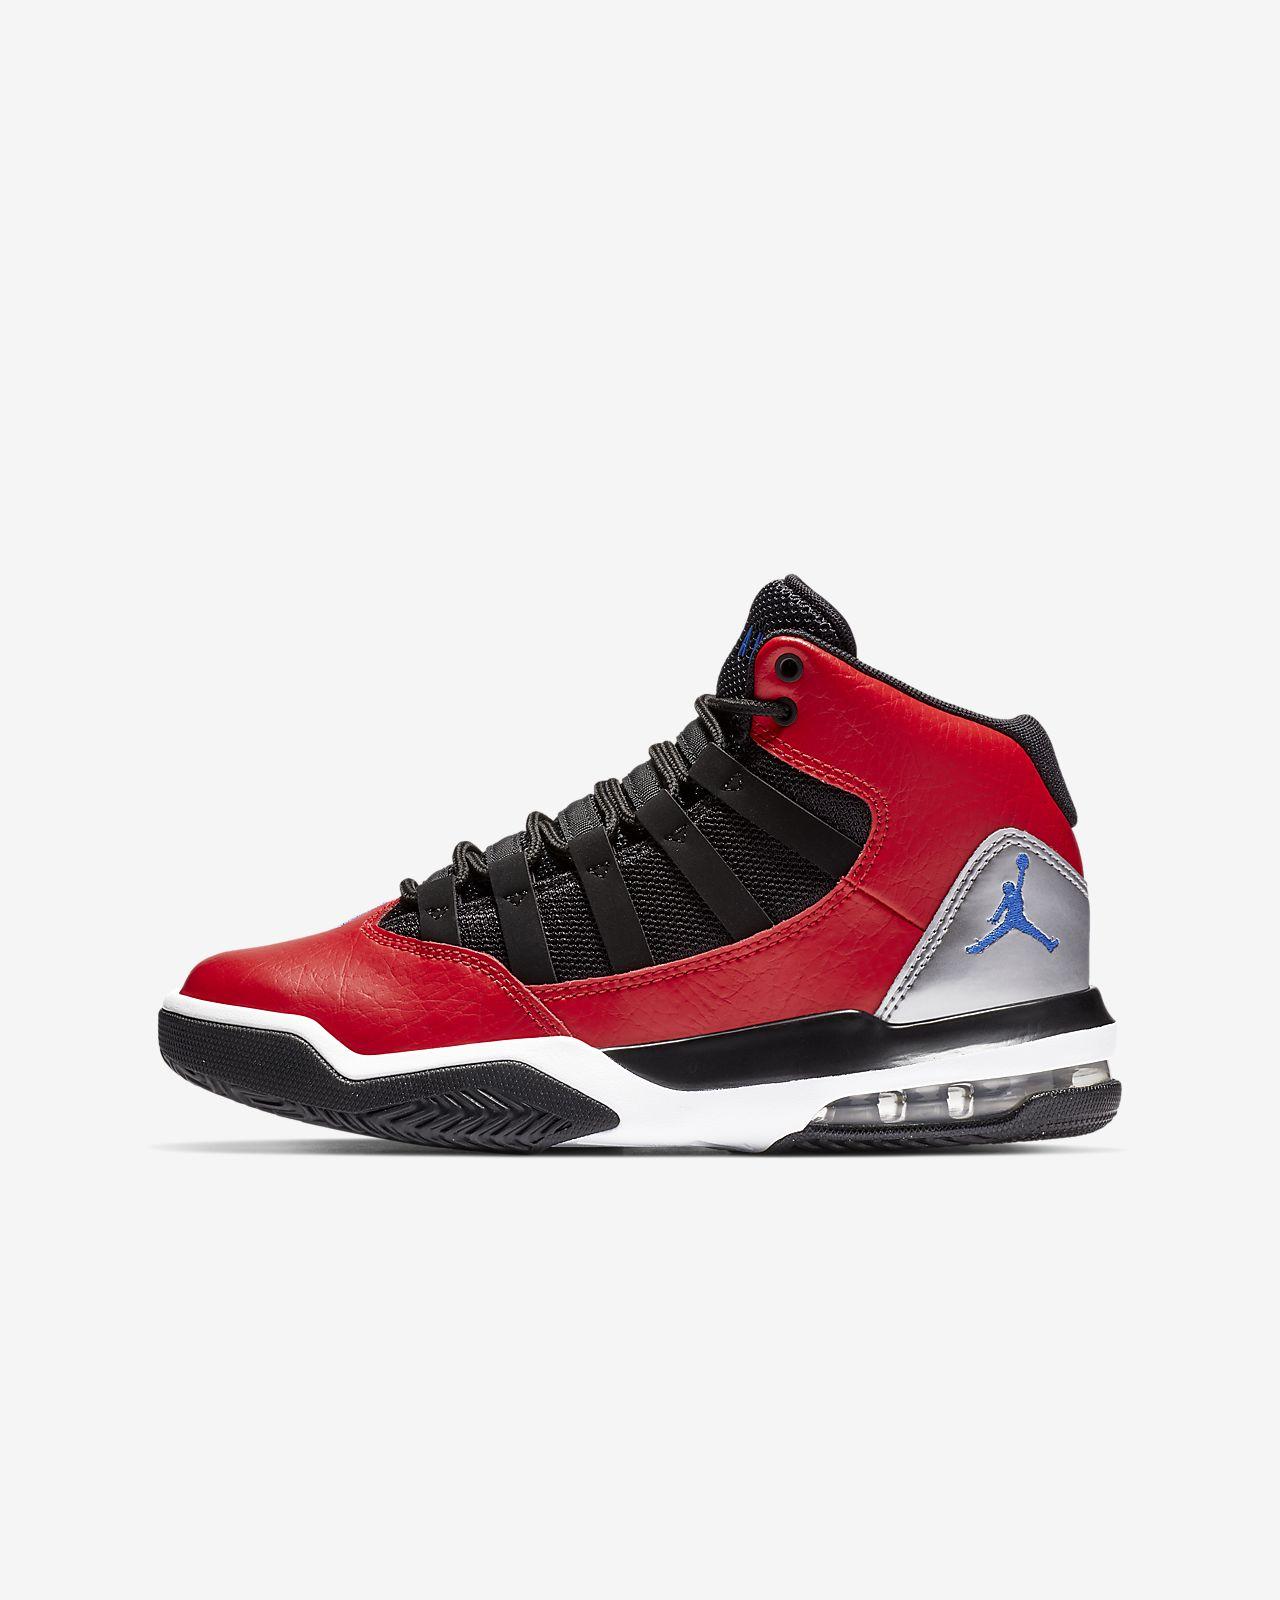 sports shoes 4cfc0 70f40 ... Chaussure Jordan Max Aura pour Enfant plus âgé